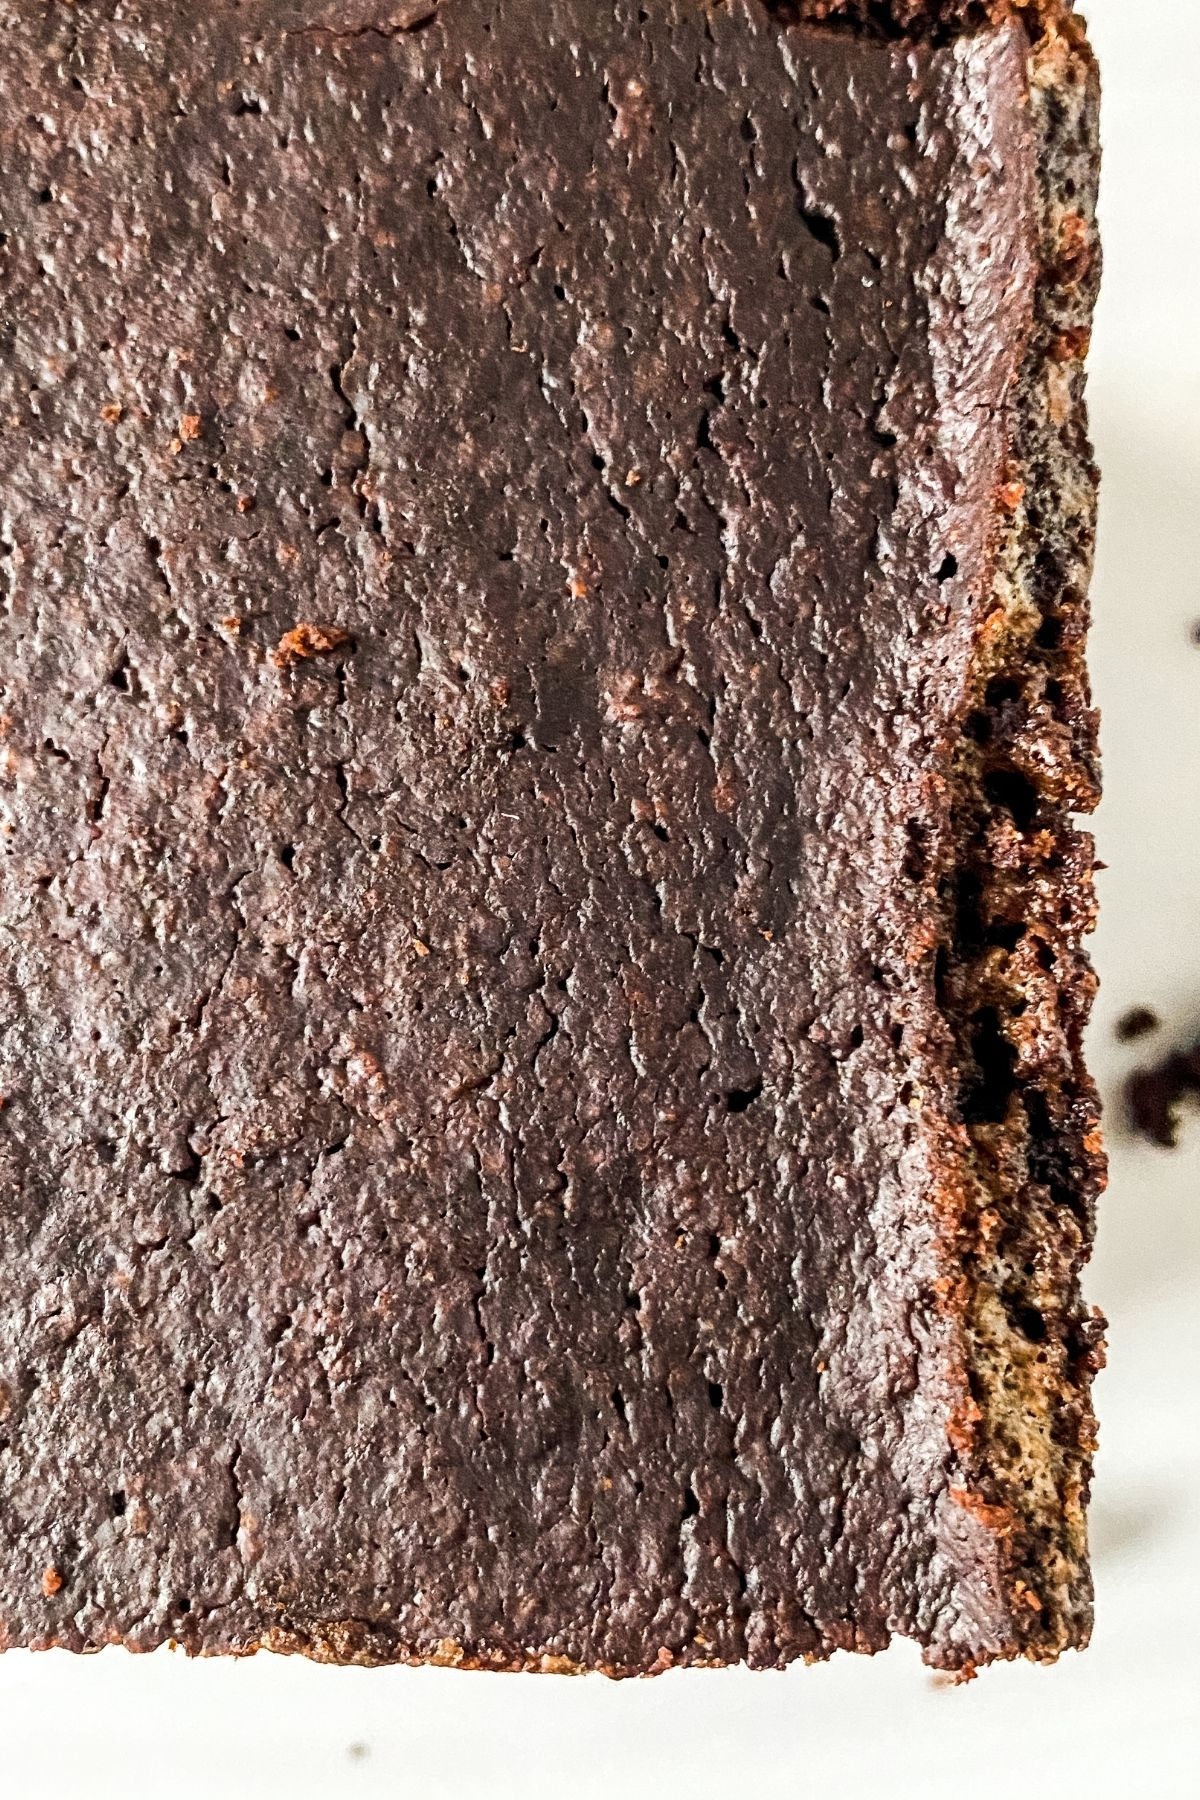 Pan of keto brownies